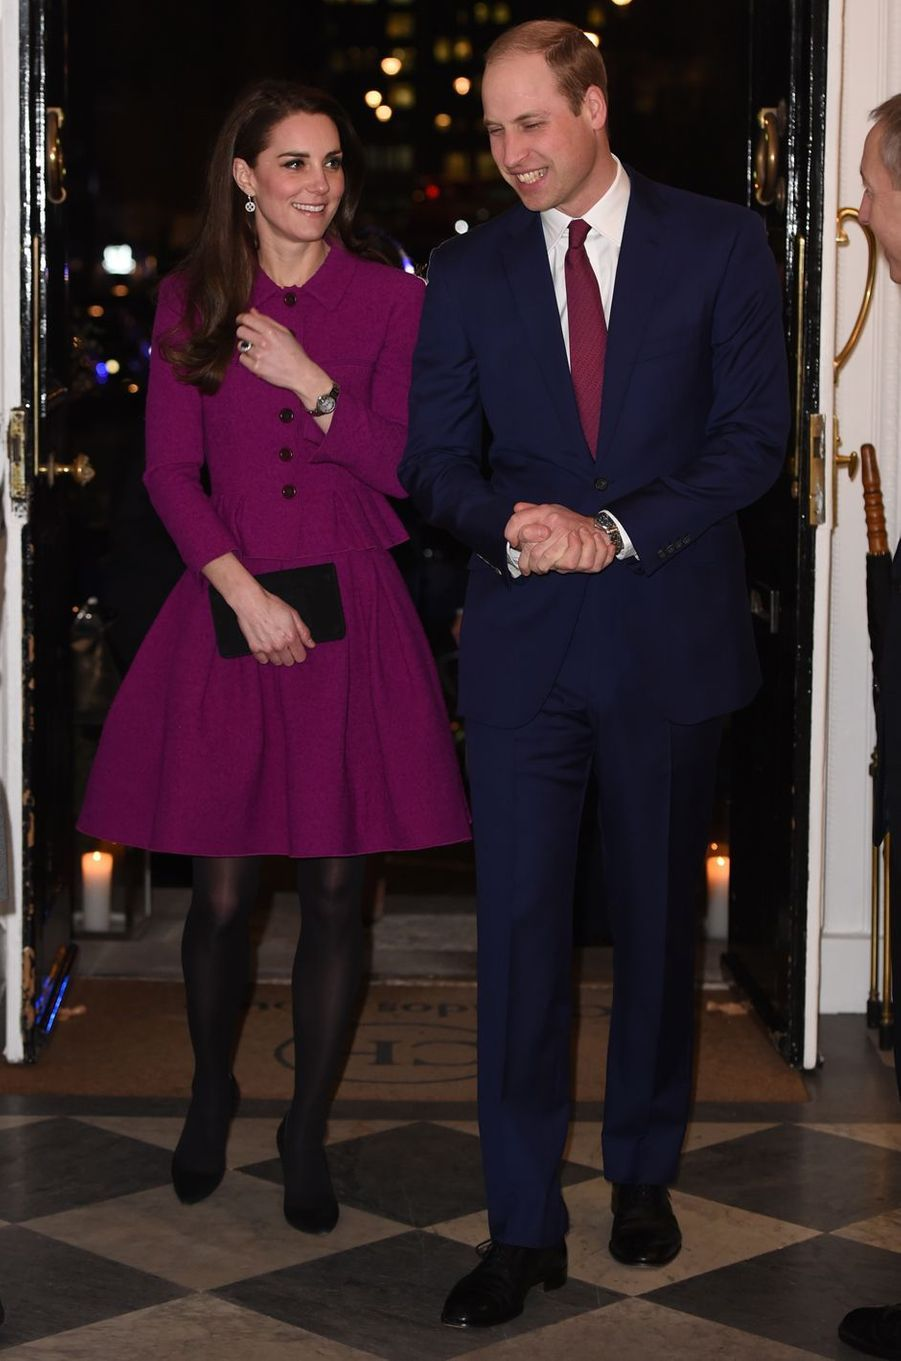 La duchesse de Cambridge, née Kate Middleton, avec le prince William à Londres, le 6 février 2017